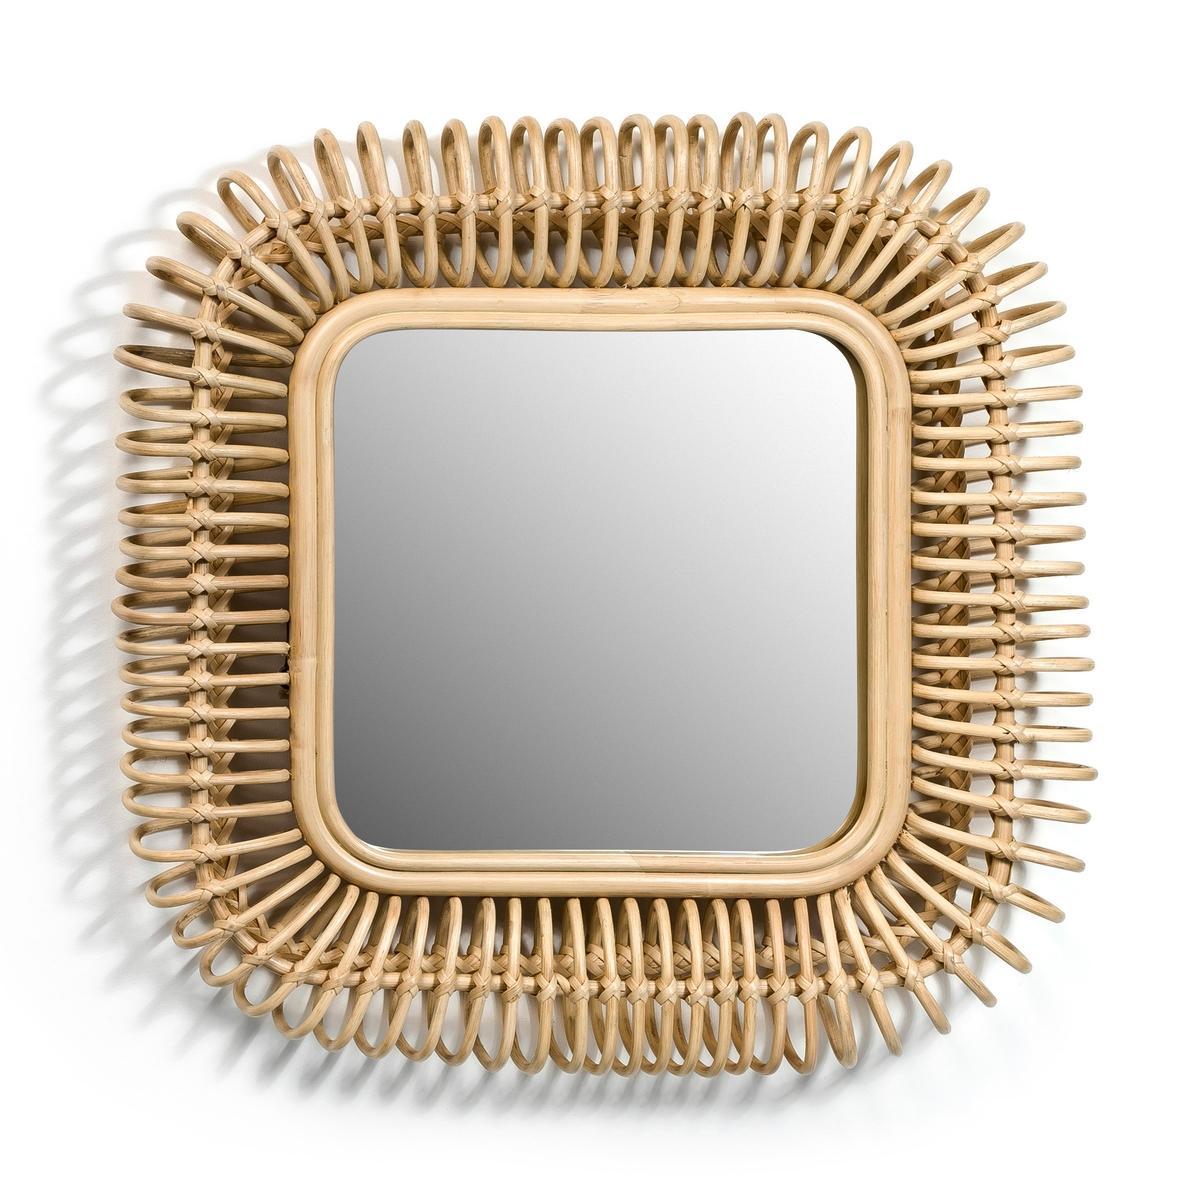 Зеркало La Redoute Квадратное из ротанга Ш55 x В55 см Tarsile единый размер бежевый зеркало la redoute прямоугольное большой размер д x в см barbier единый размер другие